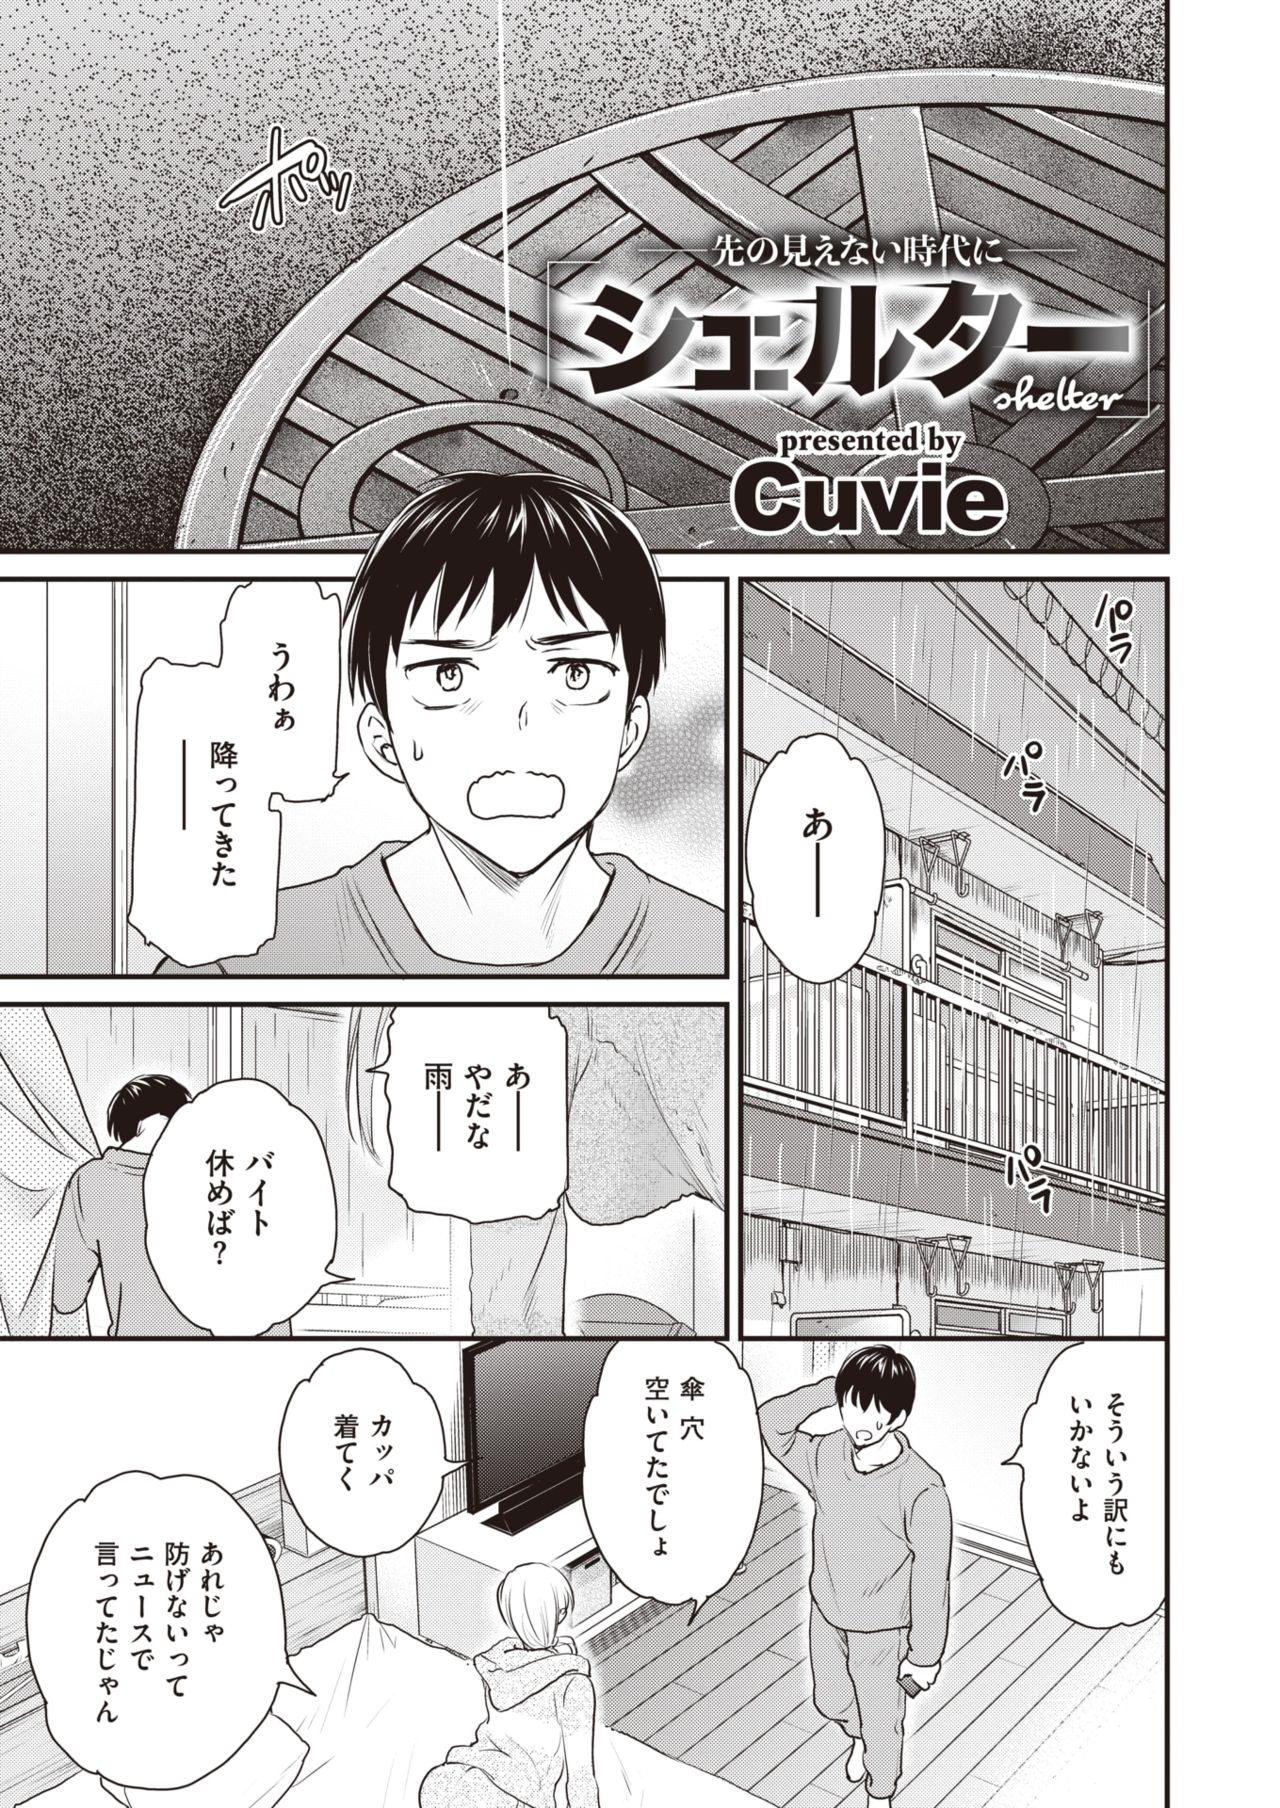 _Cuvie_shierutaa_COMIC_kairakutenbiisuto_2020nen06gatsugou_